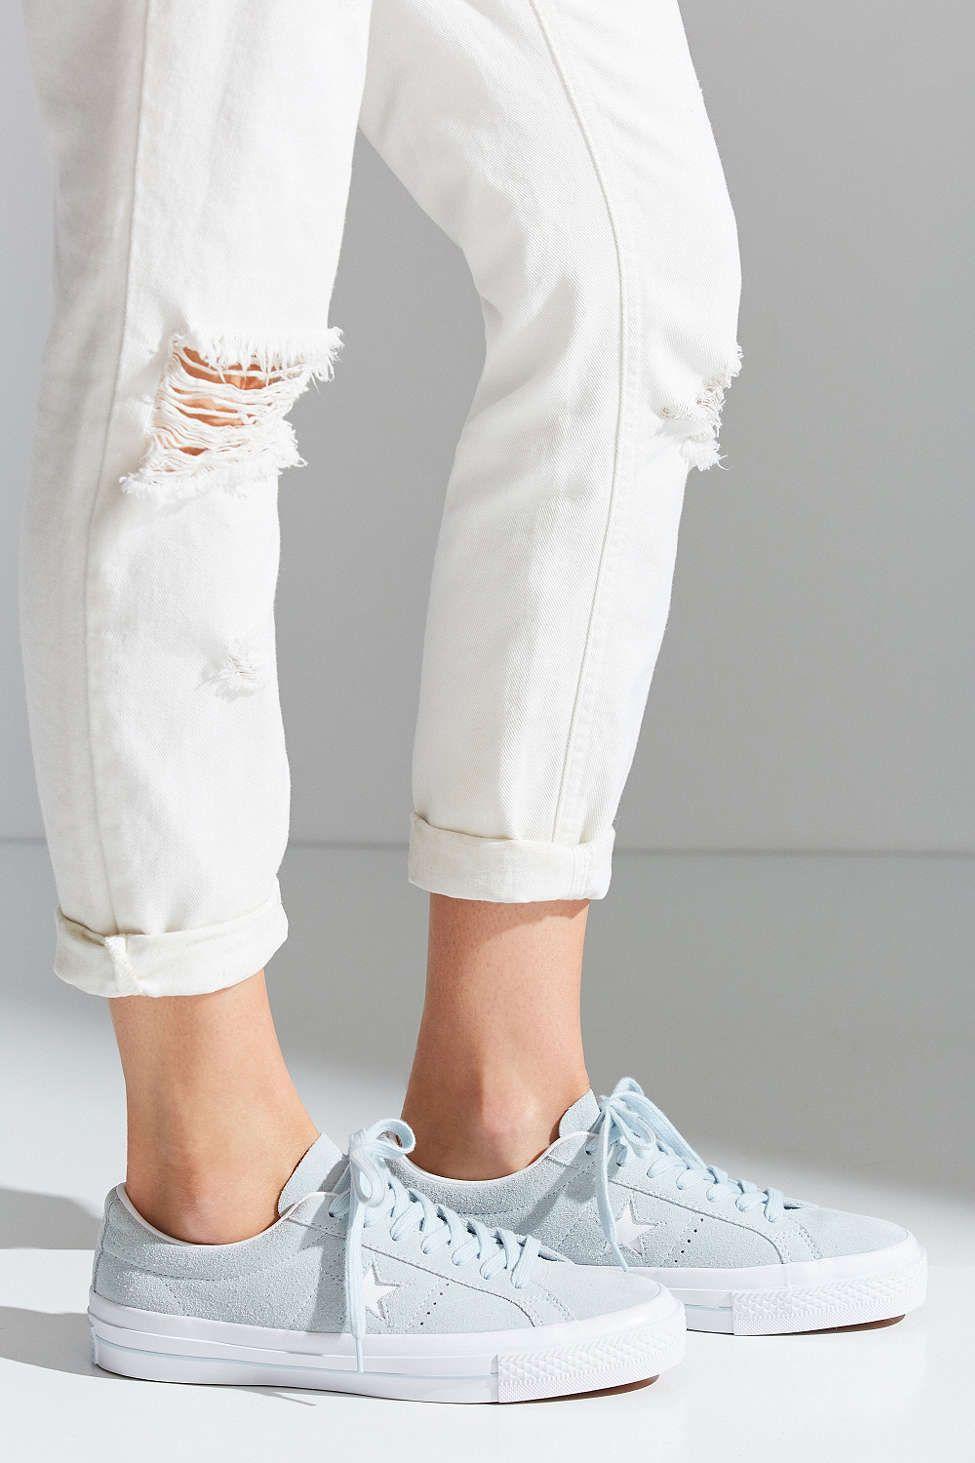 0bff6f23f2a75 Converse One Star Premium Suede Sneaker